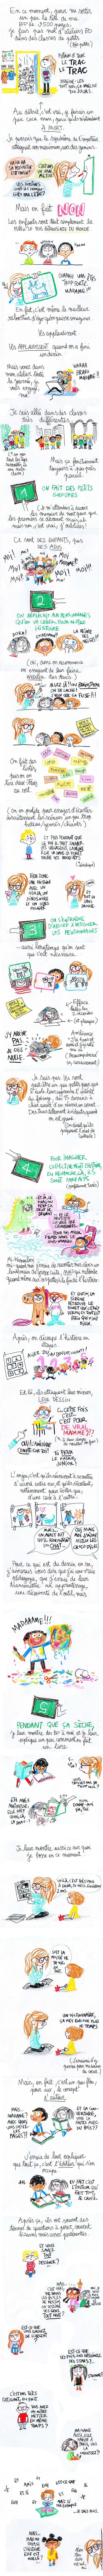 La dernière histoire de Pénélope Bagieu